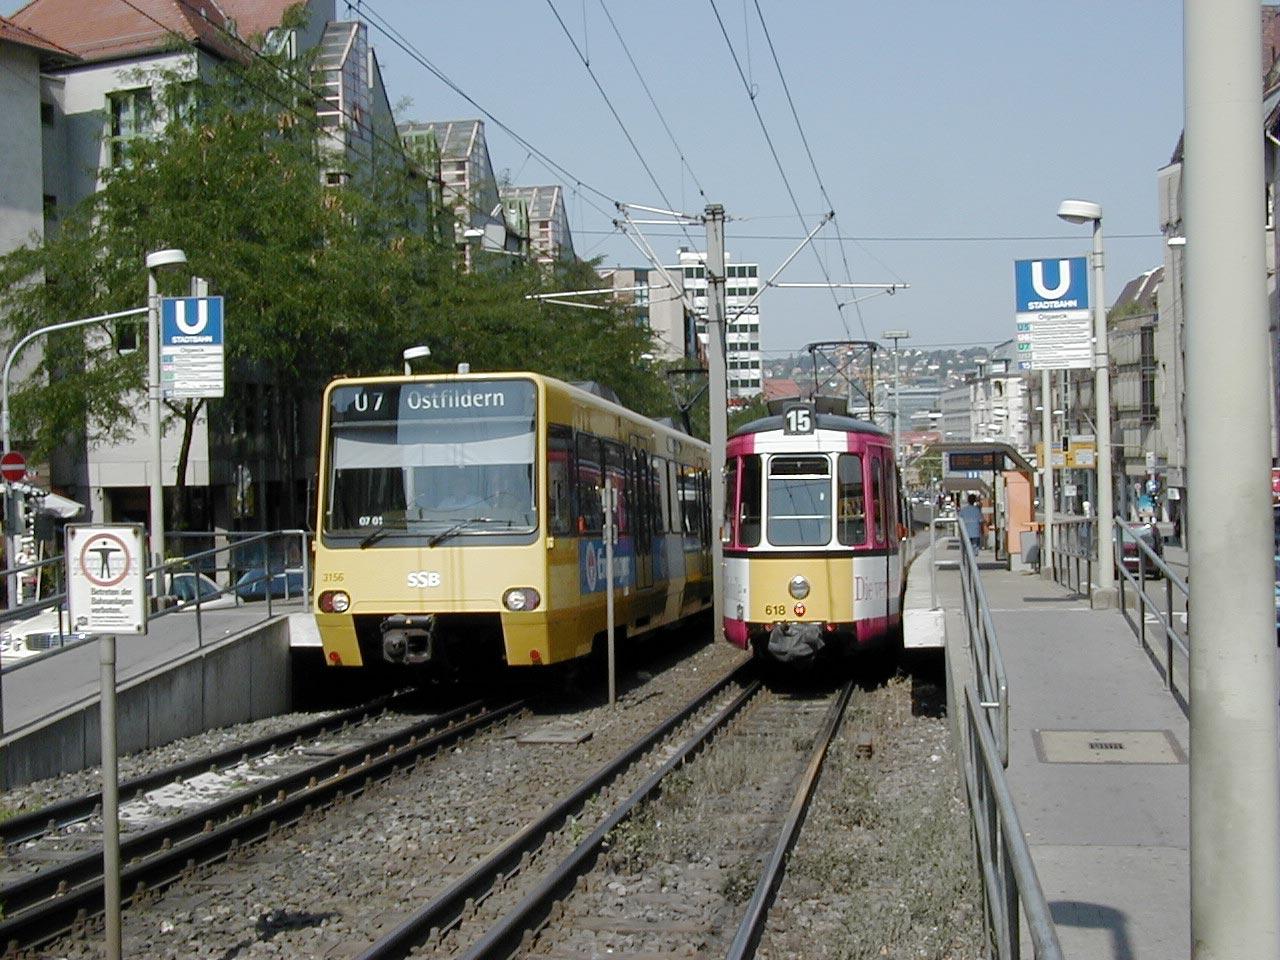 Strassenbahn und Stadtbahn an der Haltestelle Olgaeck